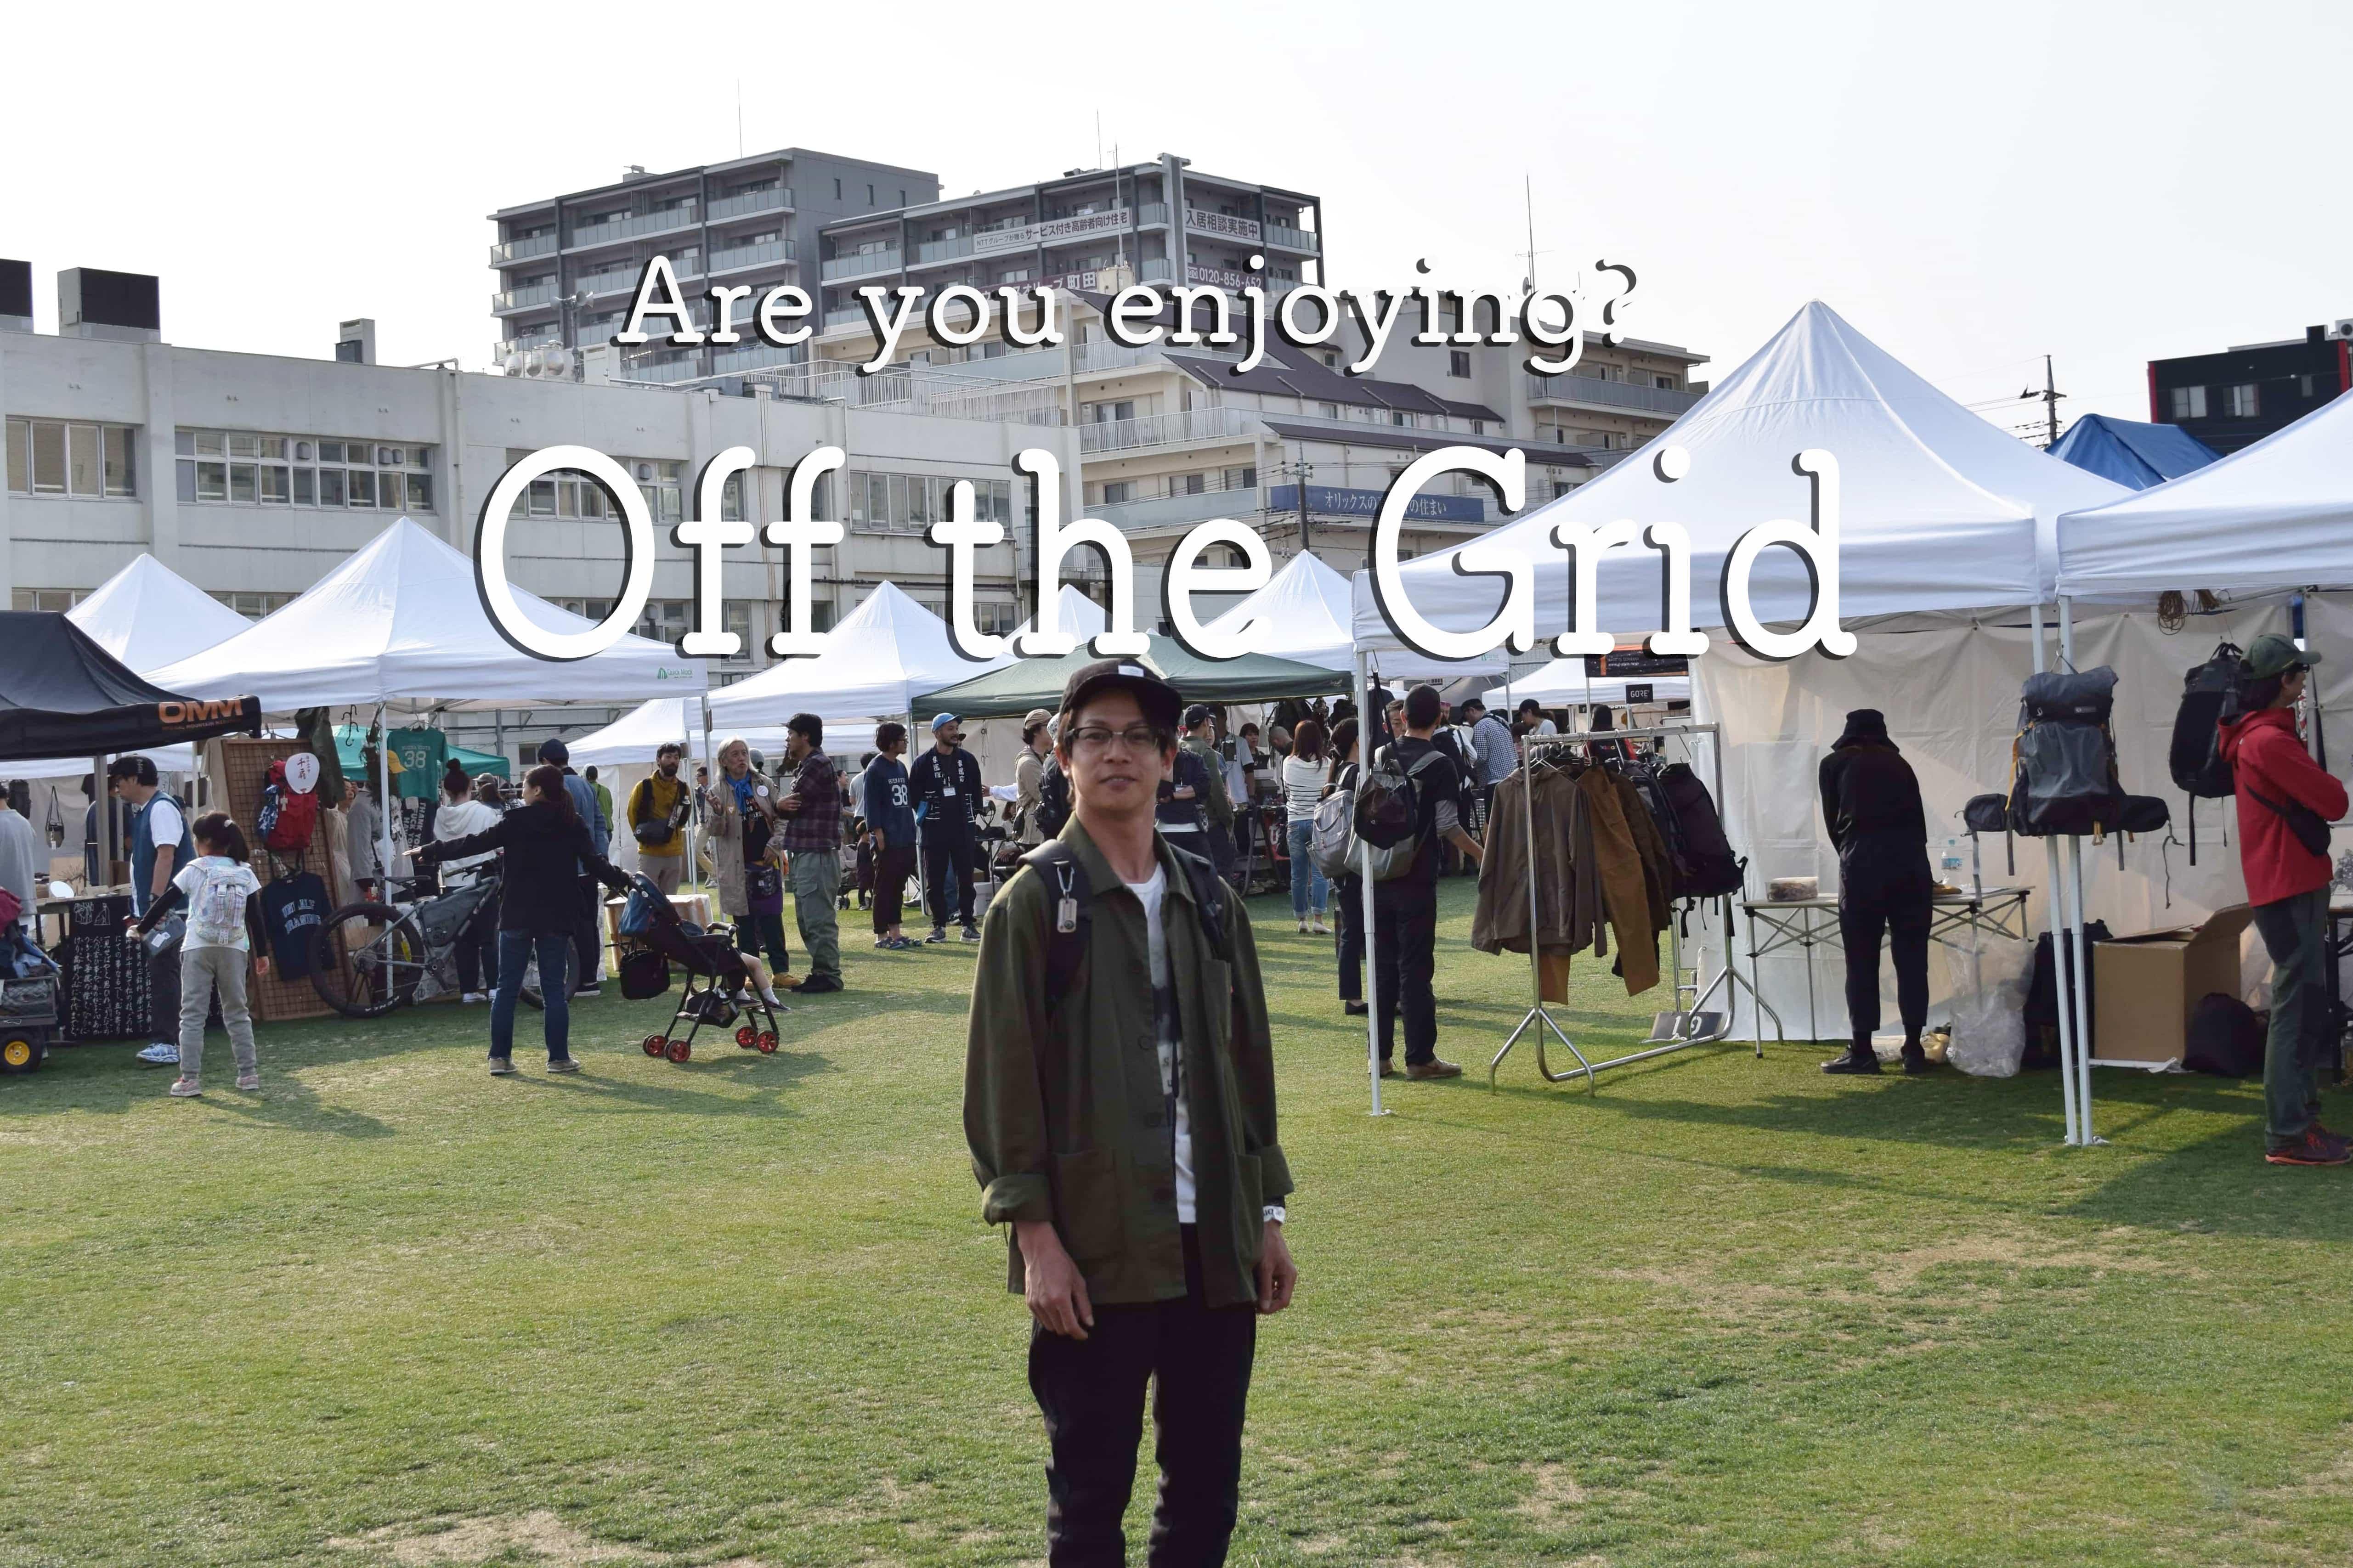 【イベント】オフザグリッド2019に行きました!内容を紹介します!